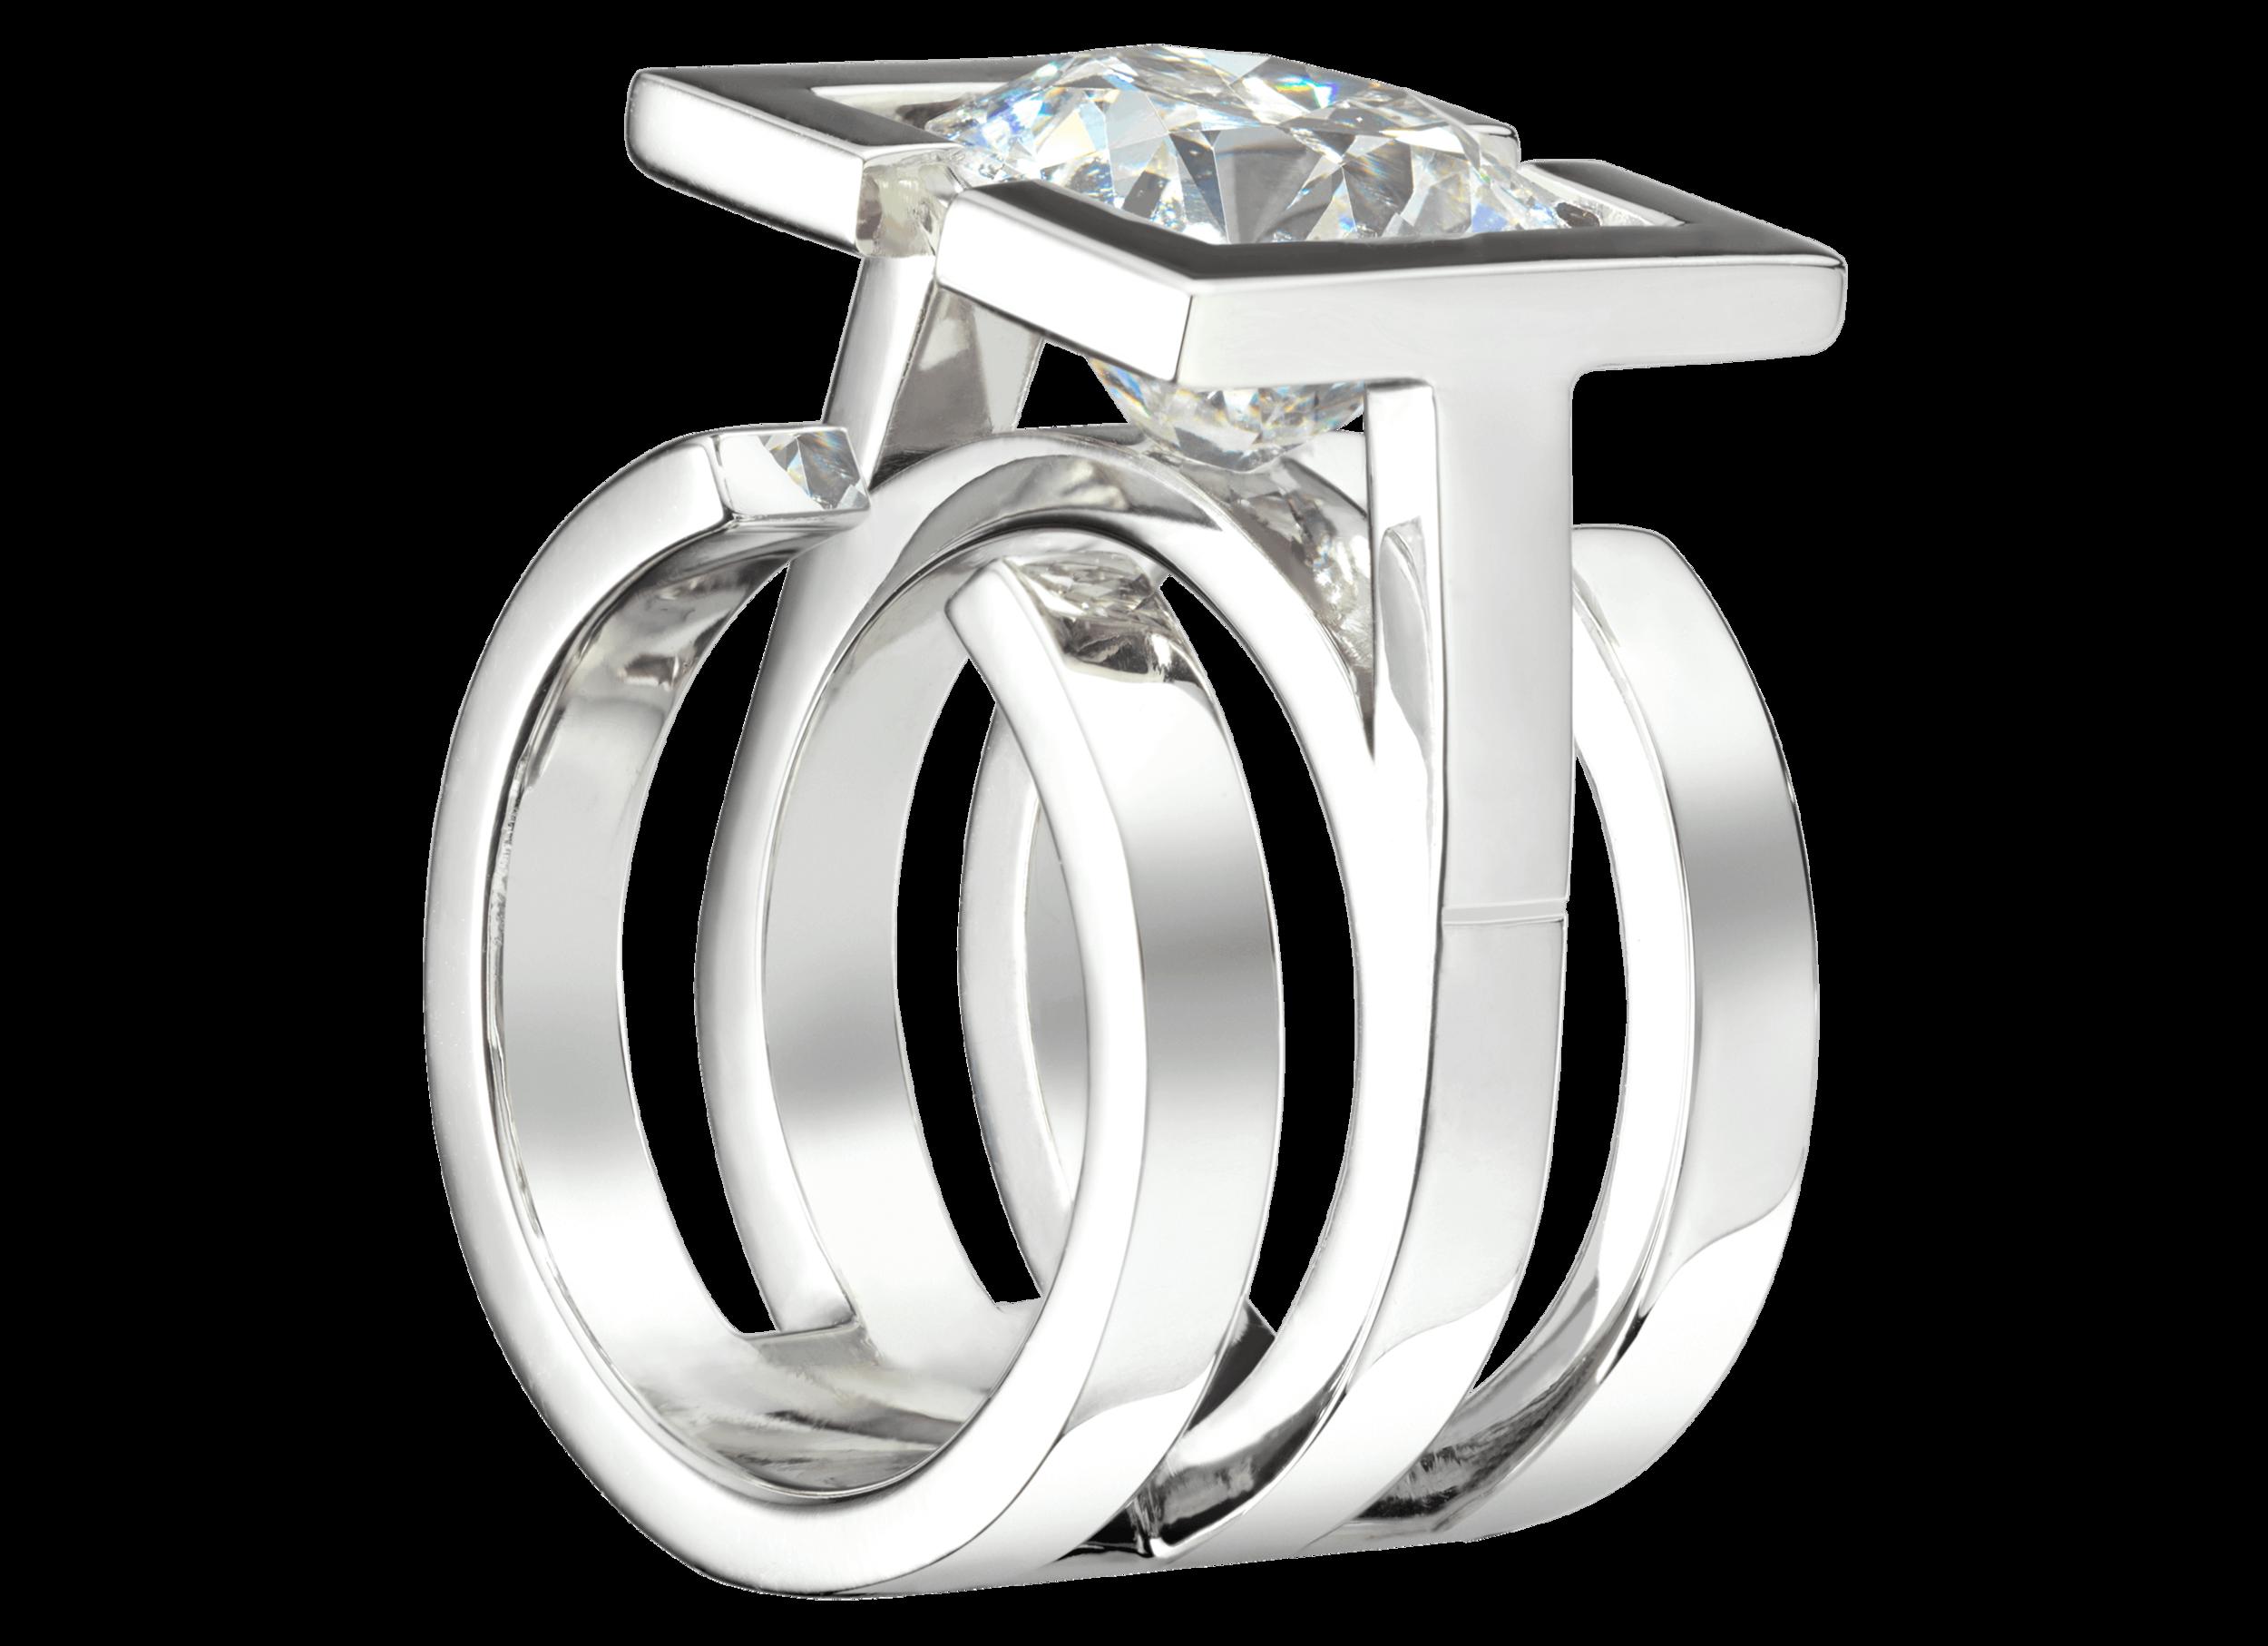 Bague Saint-Louis or blanc et diamant 5,48 carats perspective.png